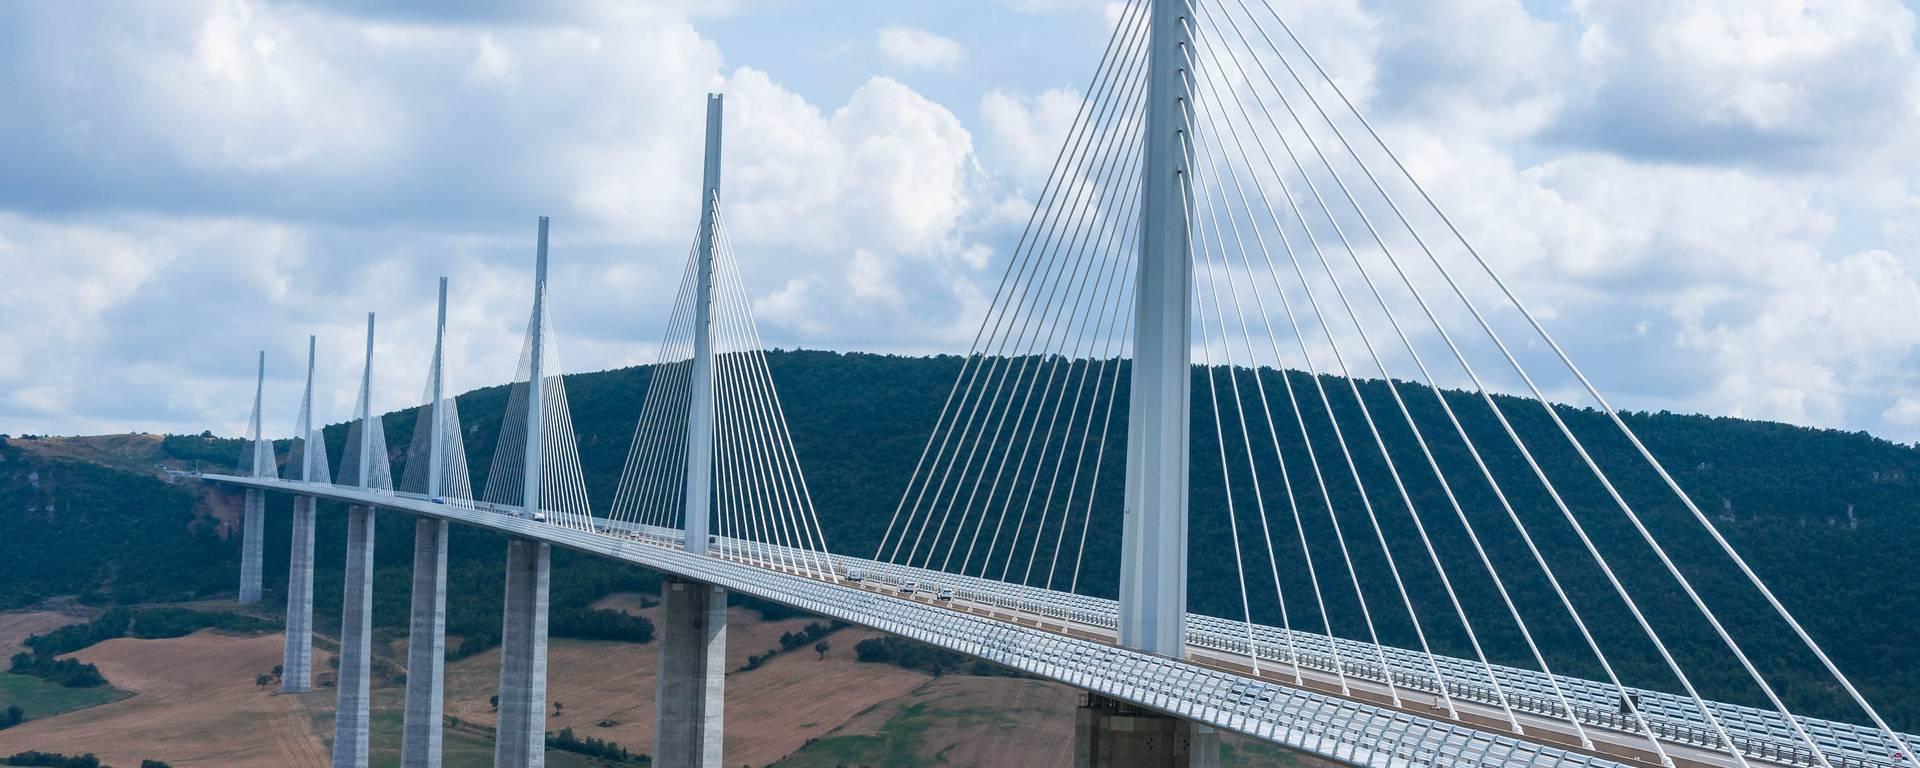 Circuler sur le Viaduc de Millau